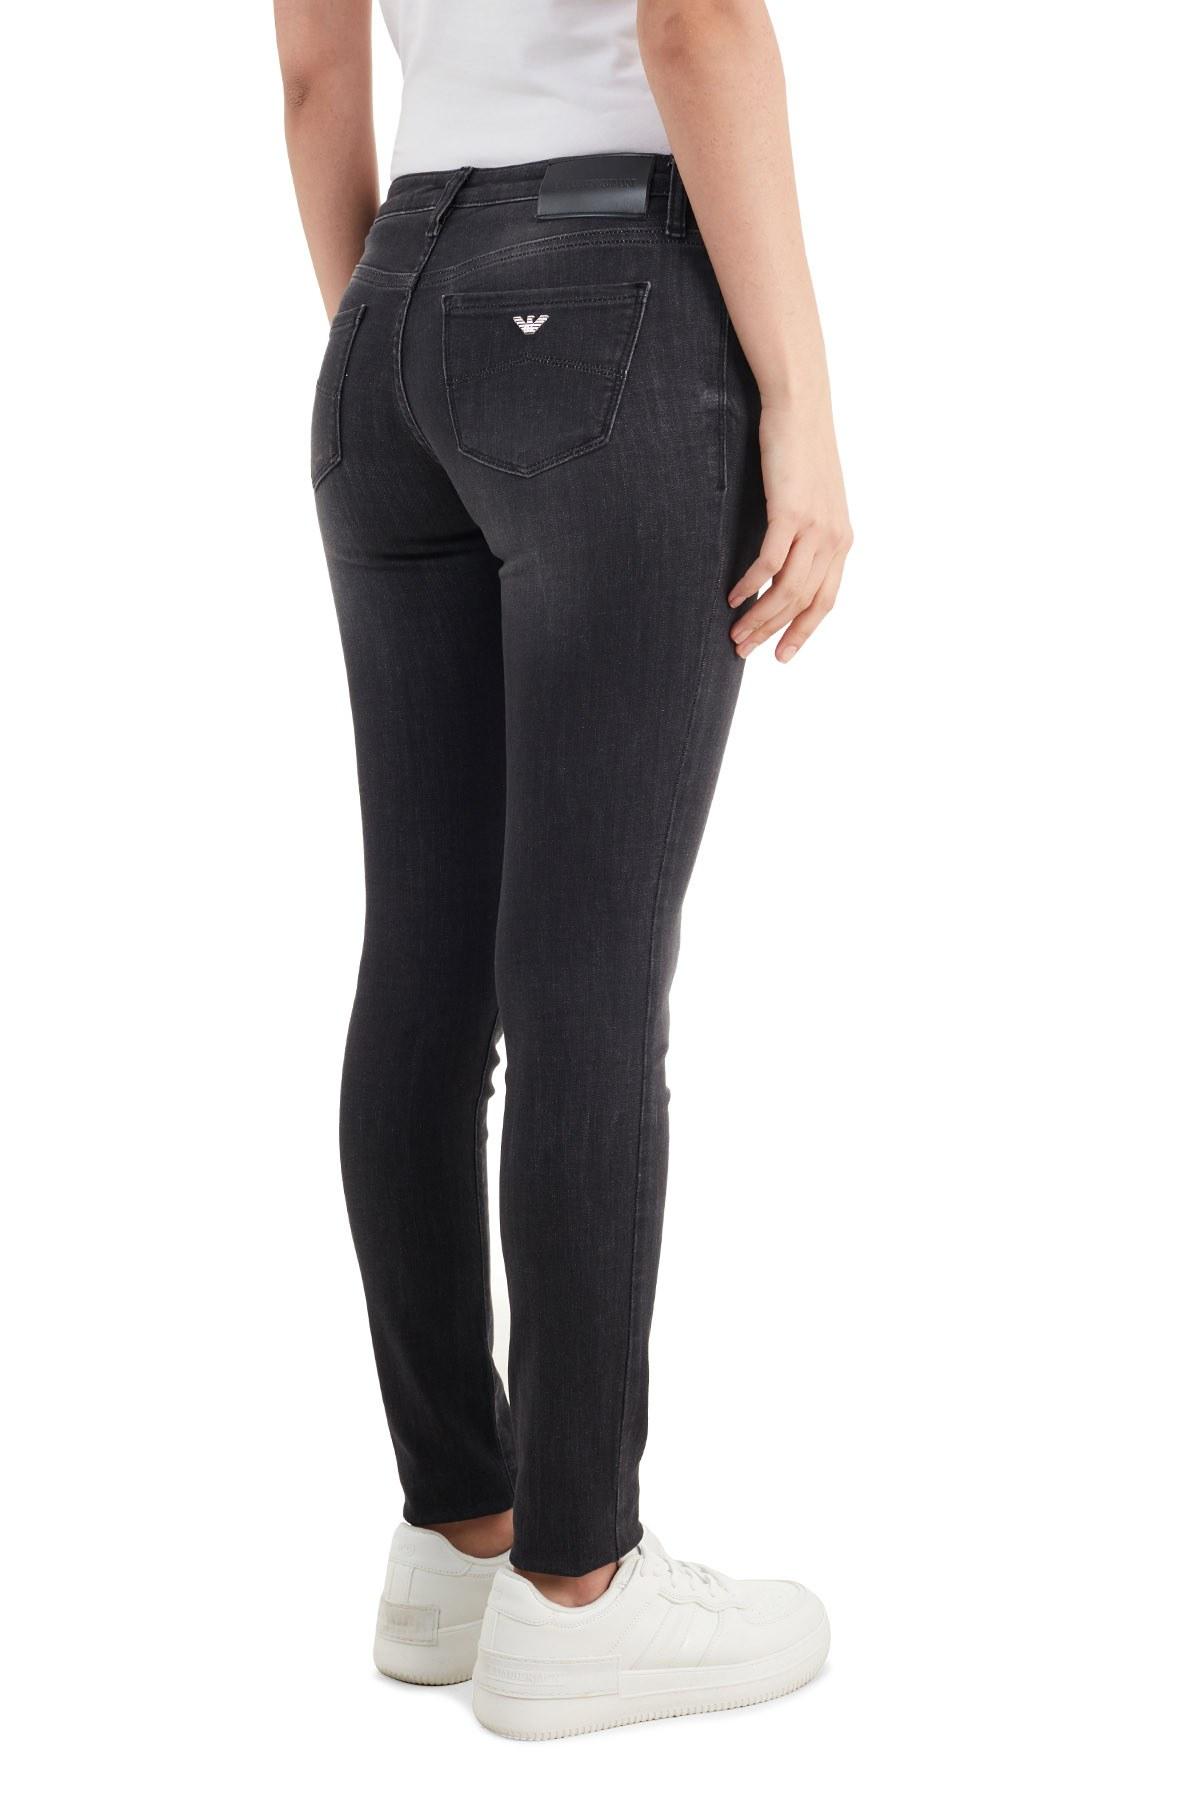 Emporio Armani Skinny Pamuklu J06 Jeans Bayan Kot Pantolon 3K2J06 2DE9Z 0668 SİYAH